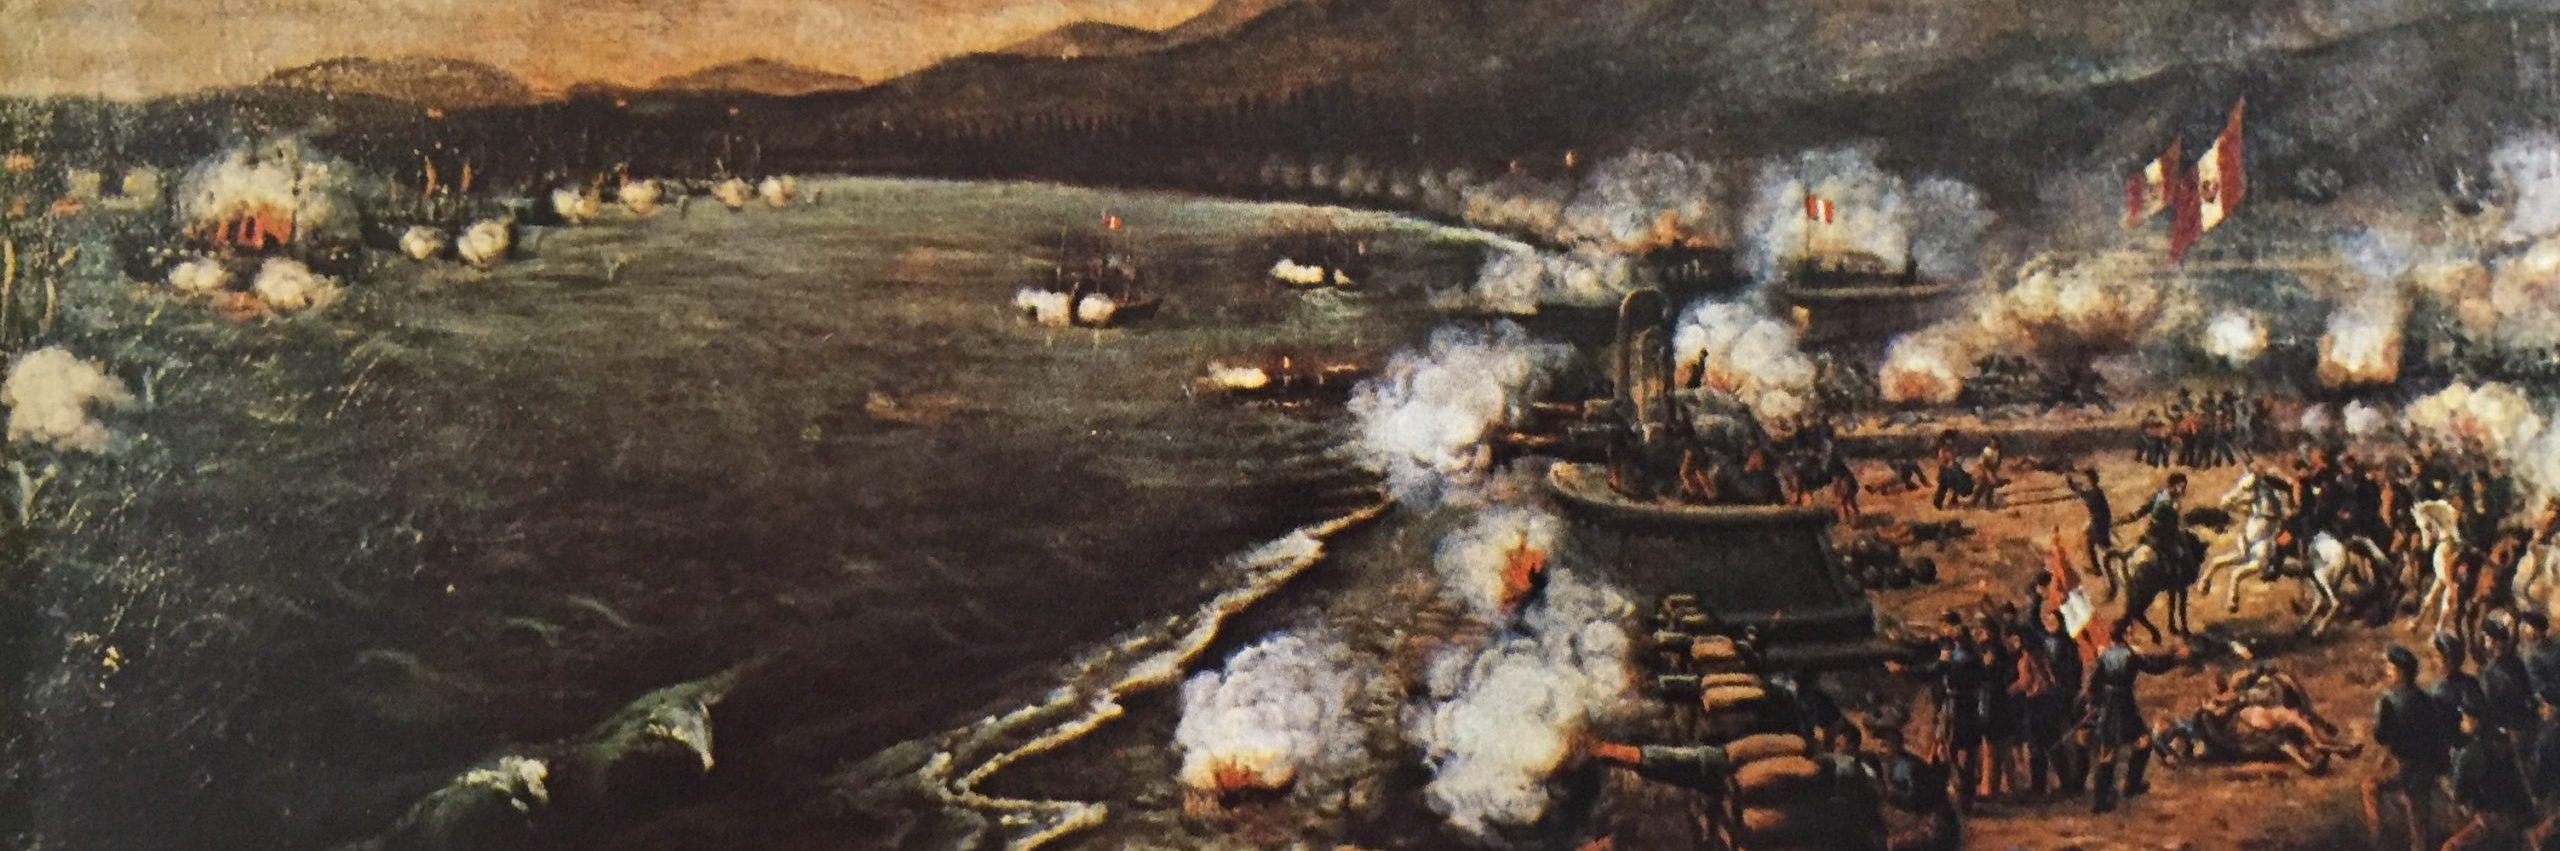 Ocho palabras es un relato sobre la famosa frase del capitán Victoriano Sánchez Barcáiztegui en la batalla del Callao.